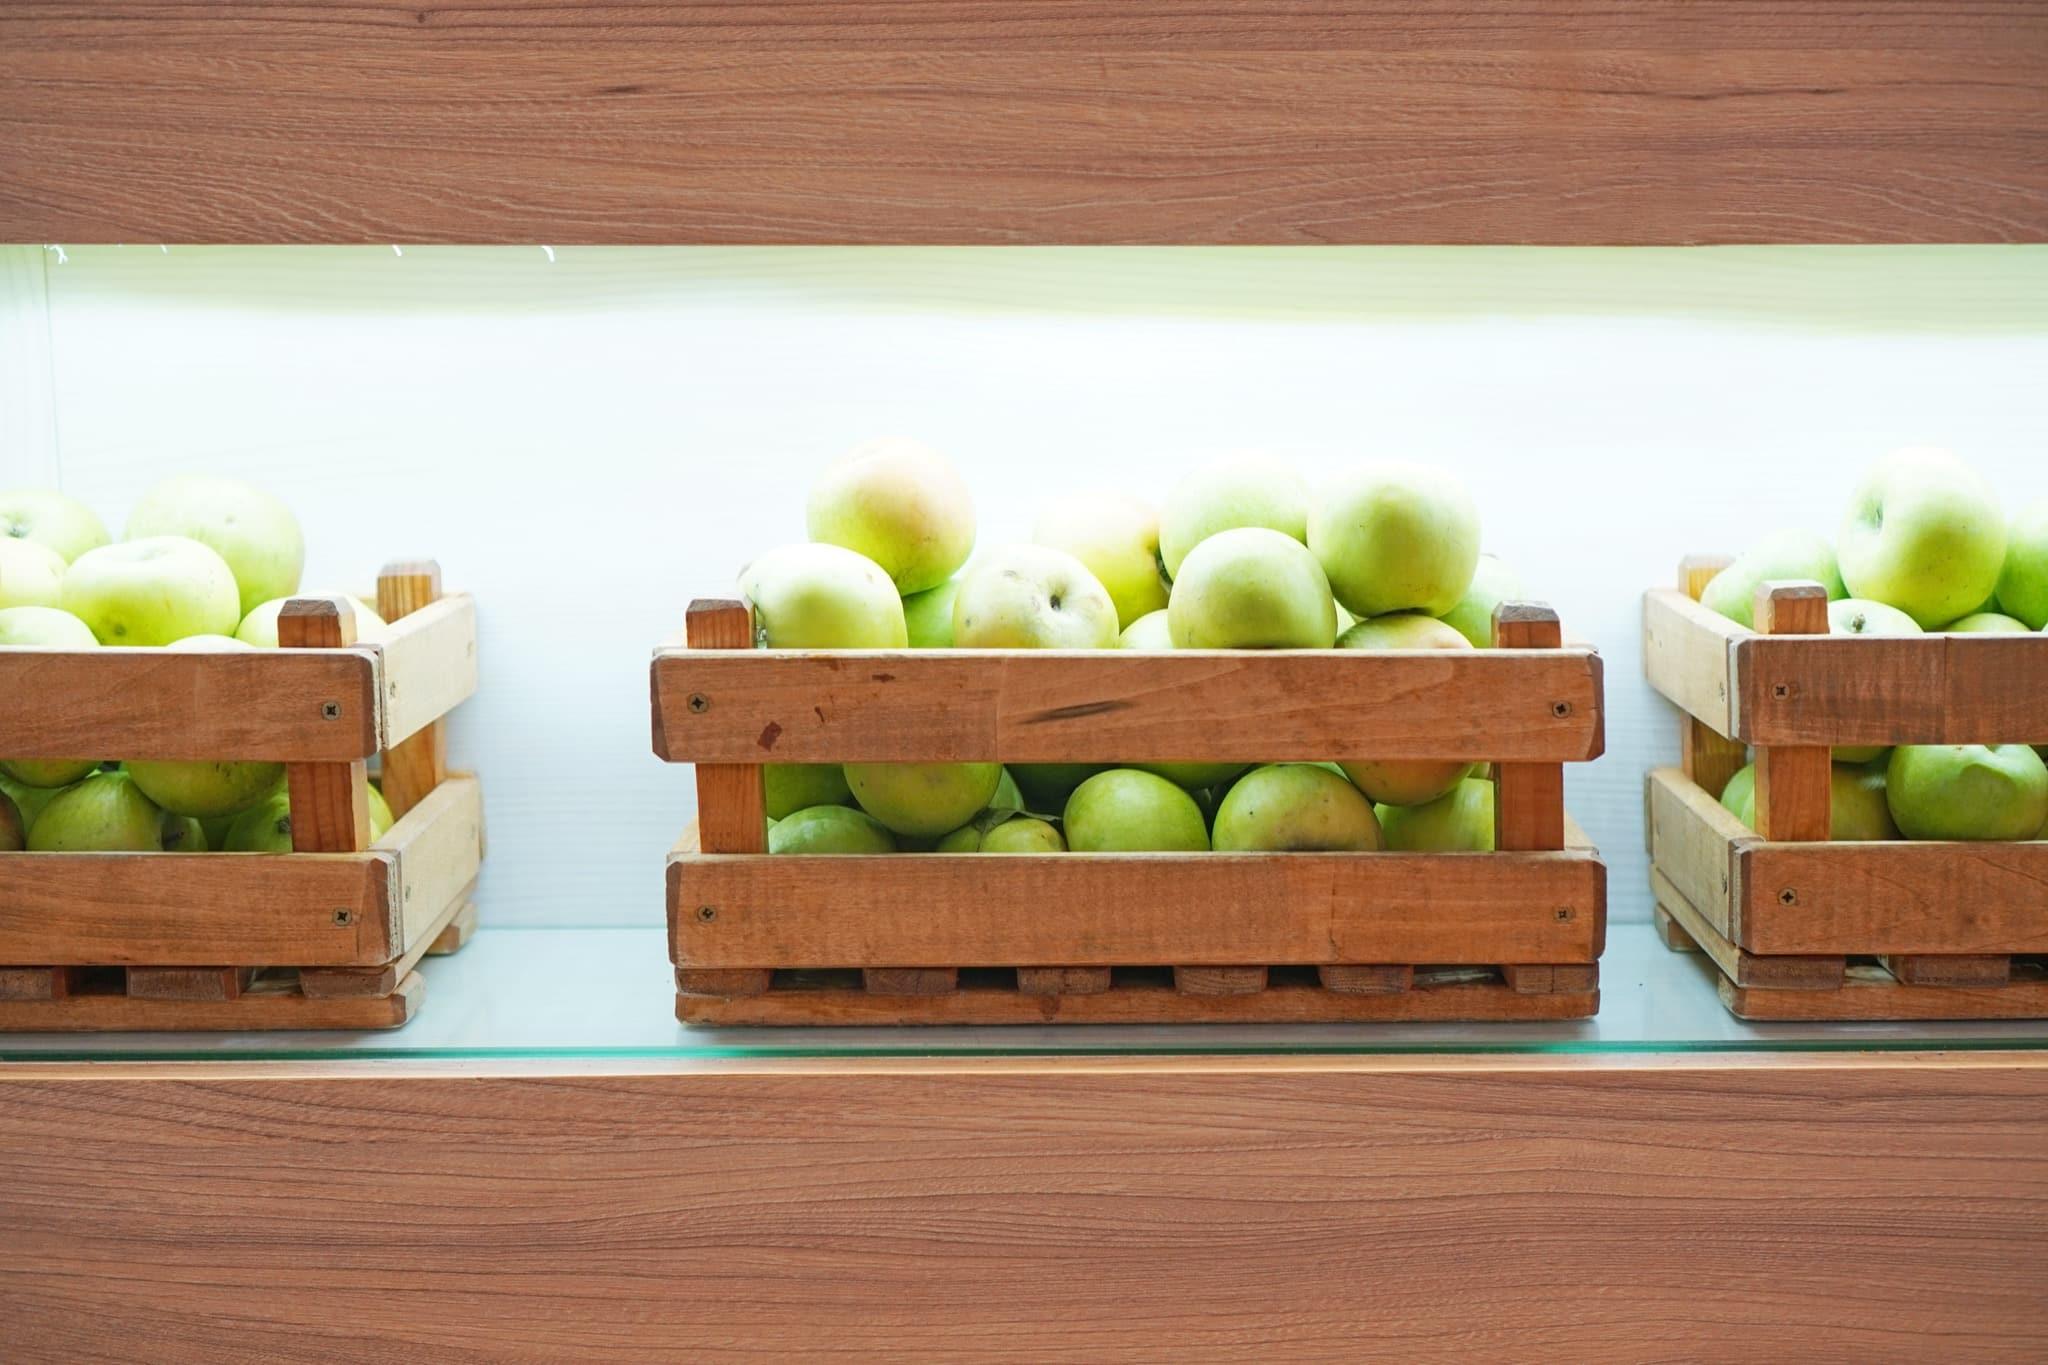 Beleuchtete Regale mit Holzkisten voller grüner Äpfel